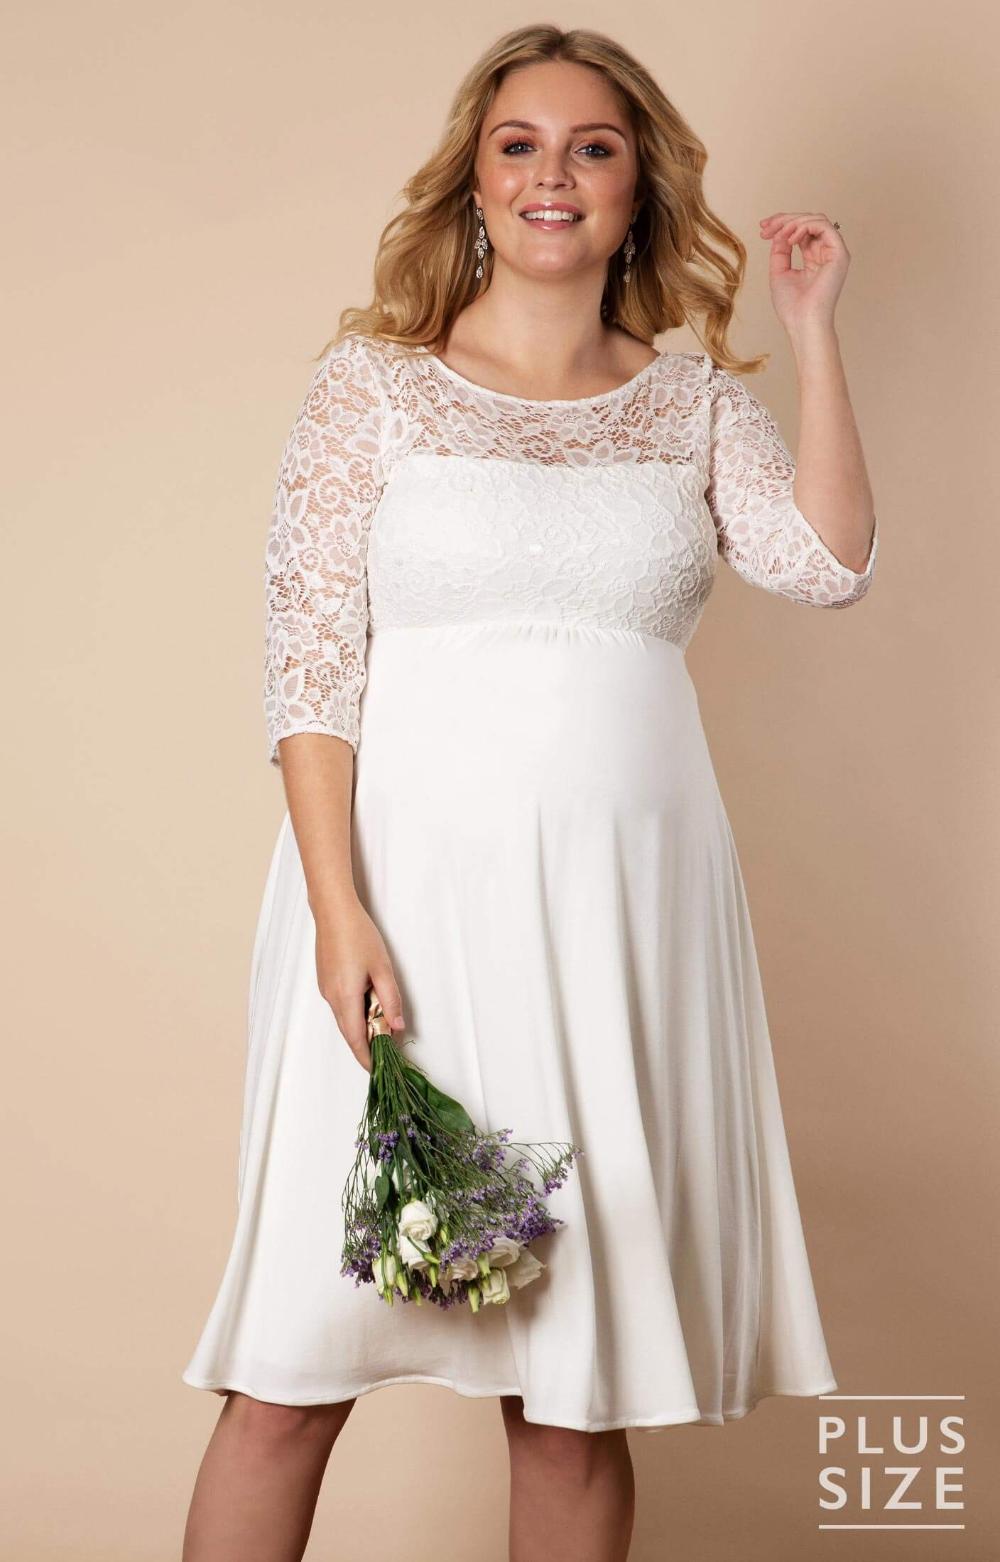 Brautkleid Lucia kurz in plus size Elfenbein / Weiß